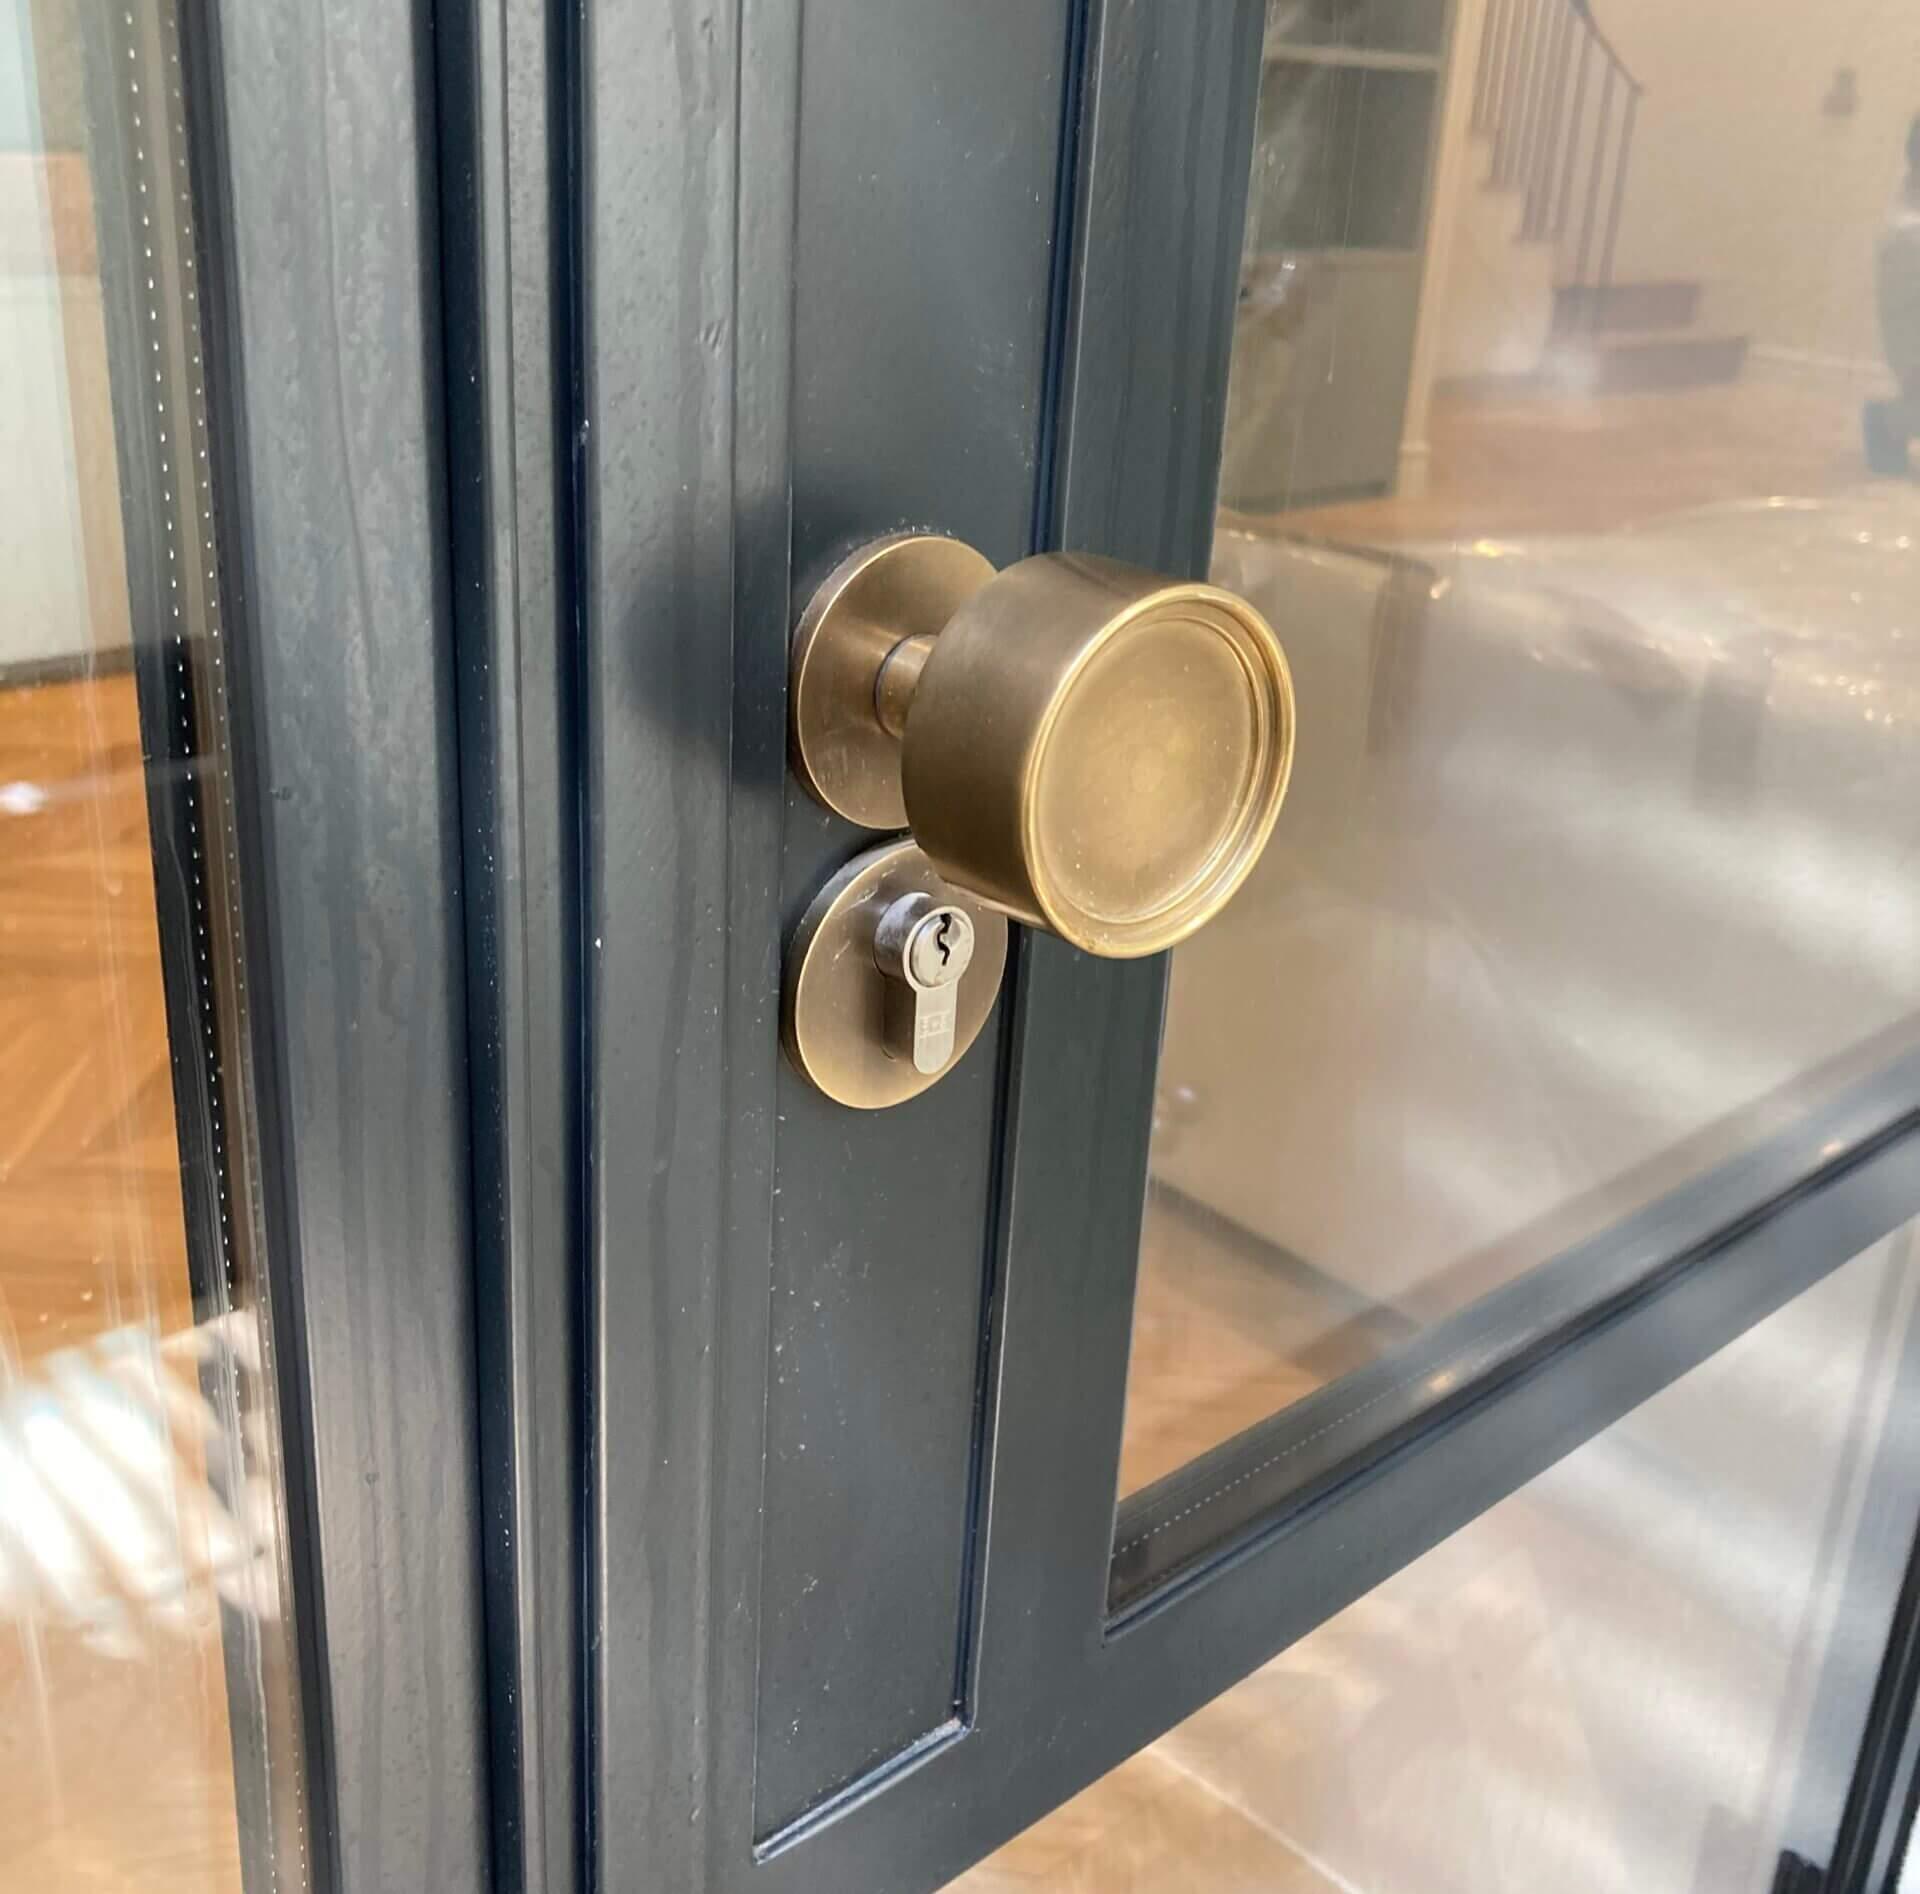 Original Steel Doors Thermal Break 57 Ottostumm Secco Jansen Forster MHB